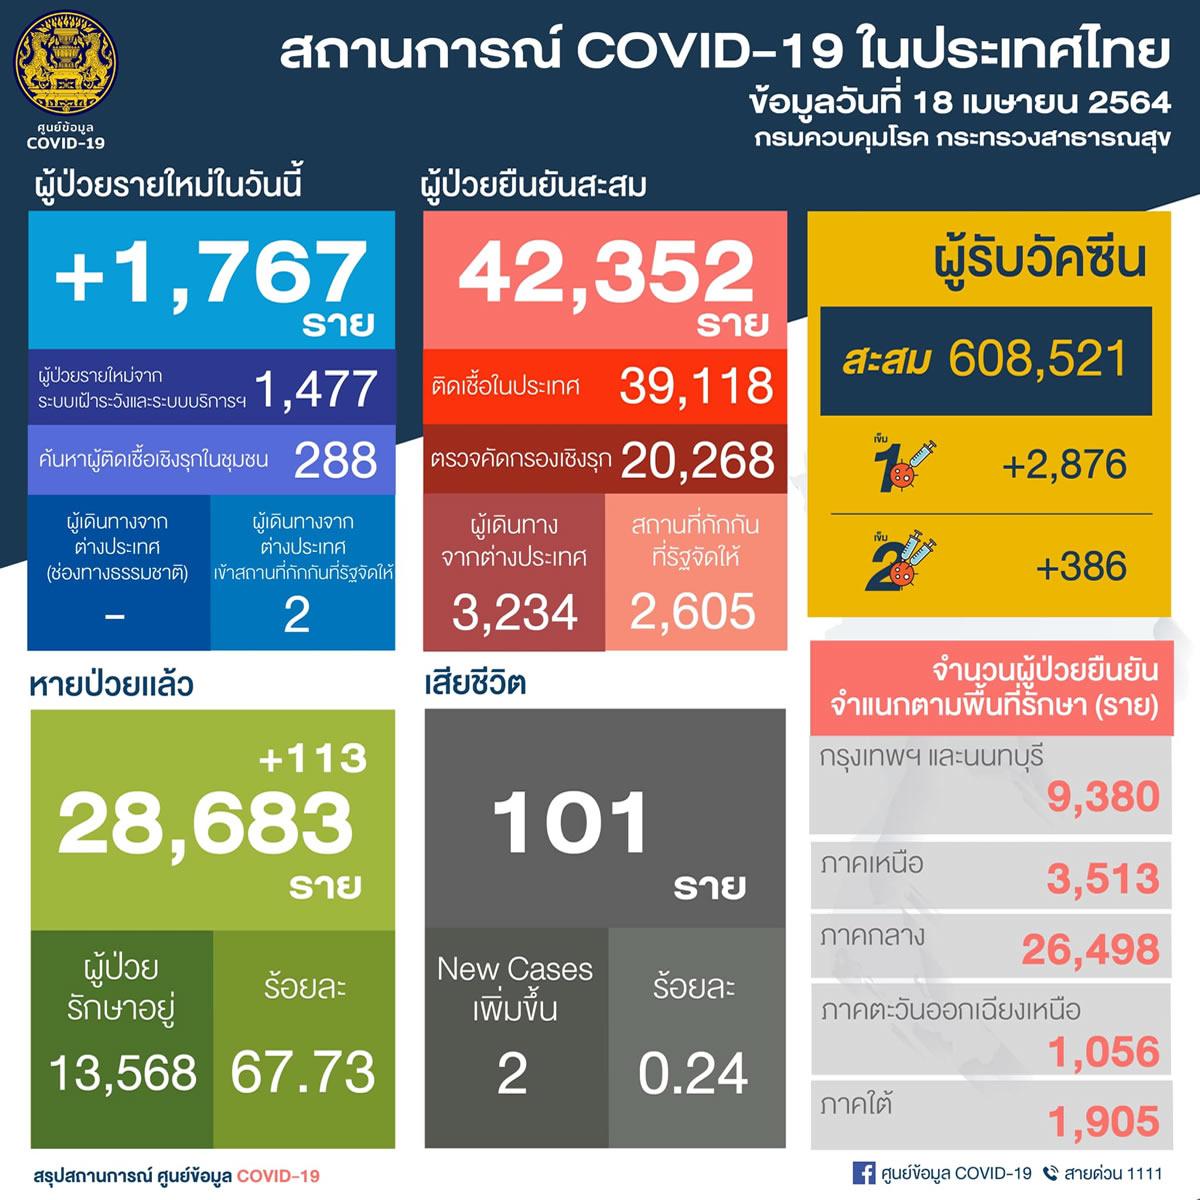 新規国内感染1,765人/バンコク都347人 チョンブリ県229人など[2021年4月18日発表]